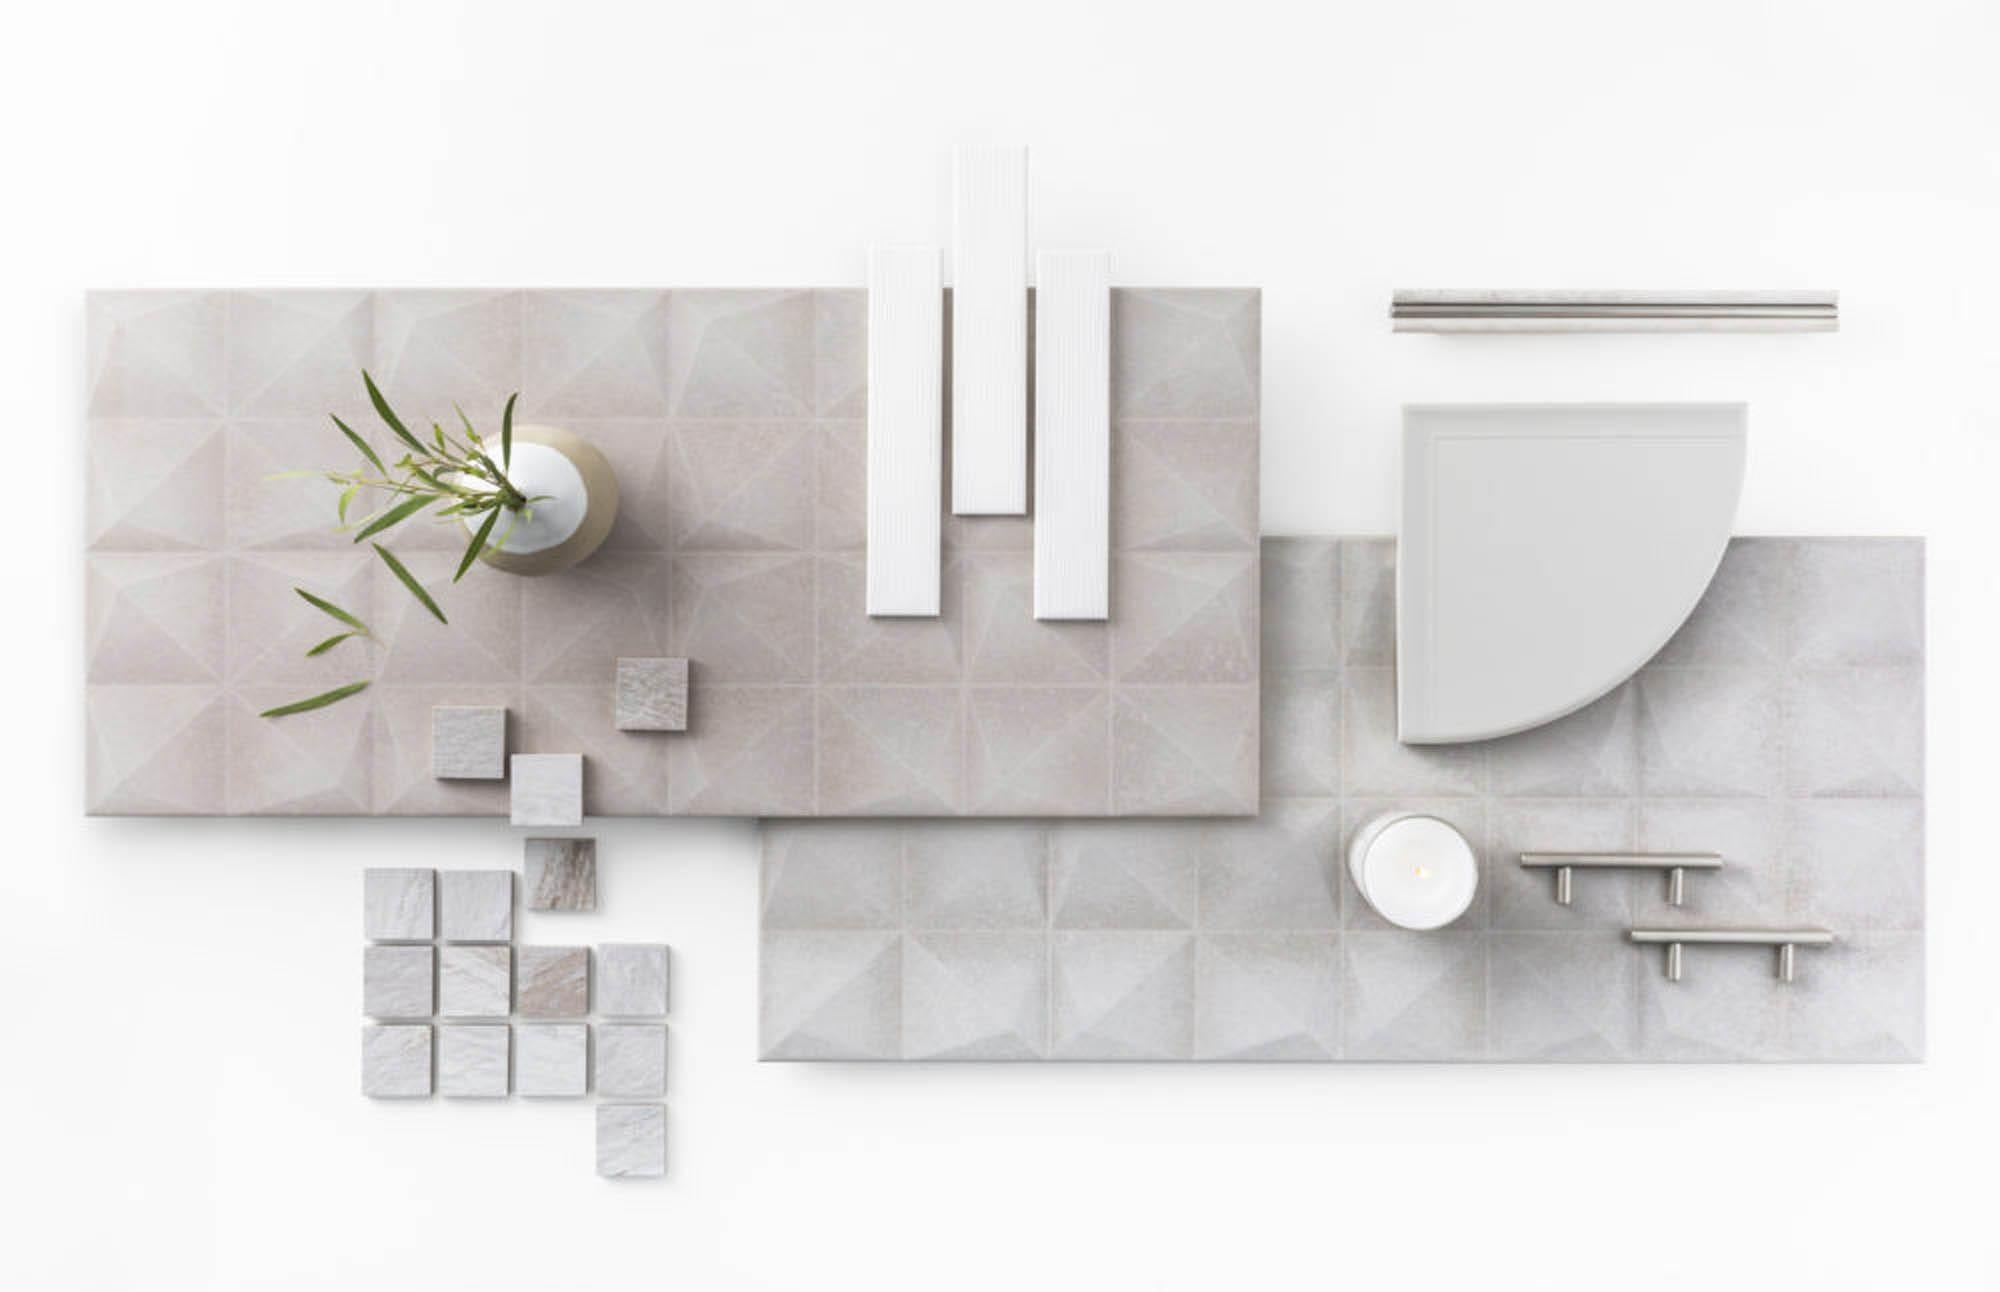 sculptural tile pairings